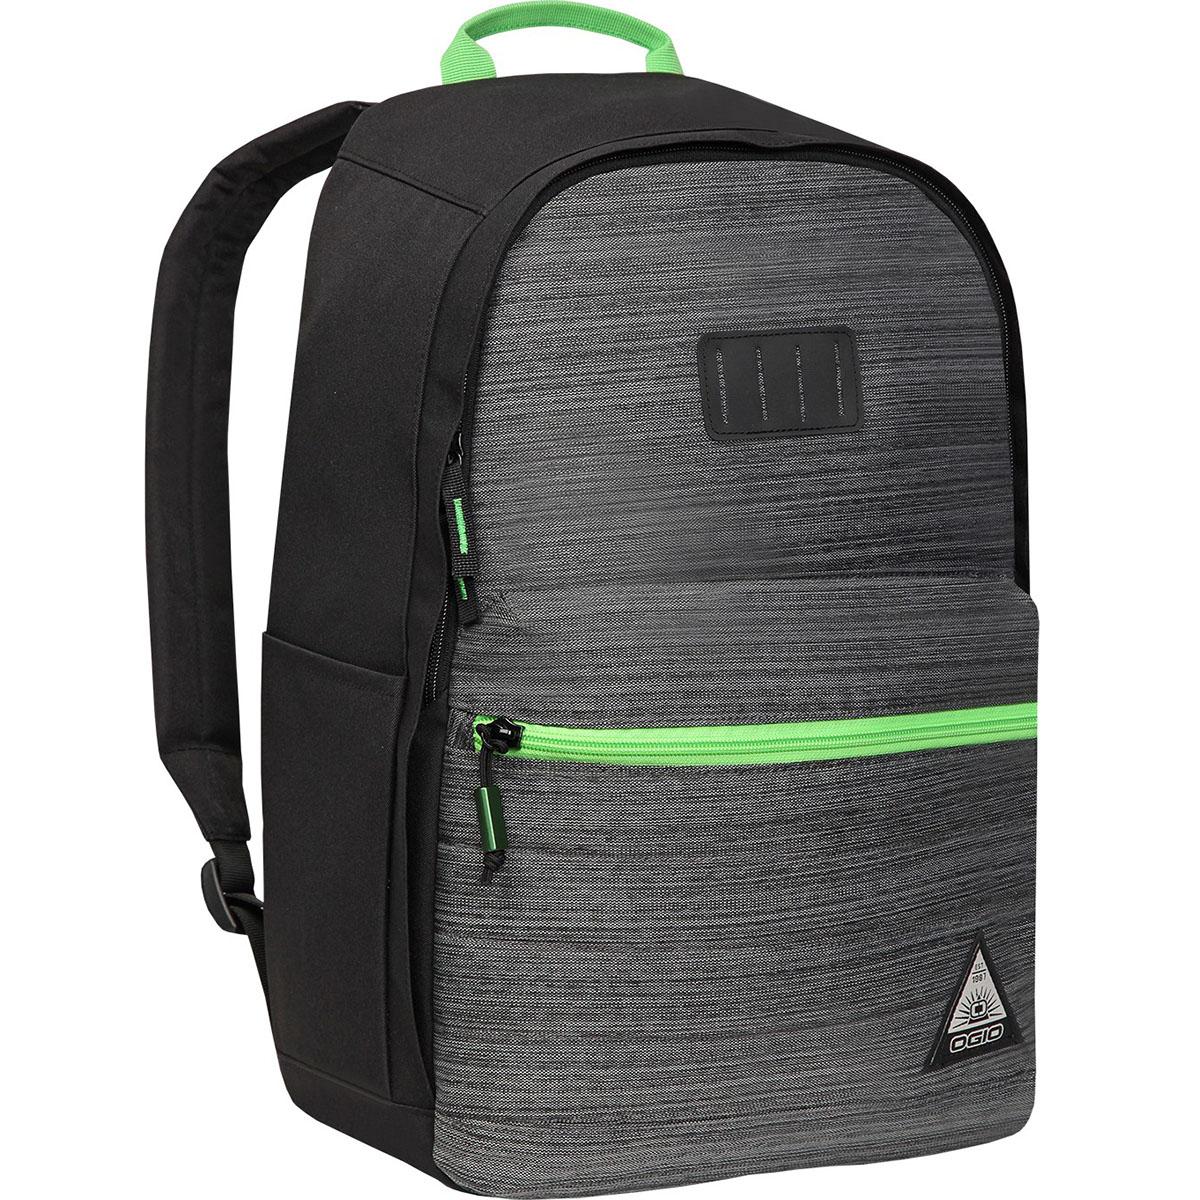 Рюкзак городской OGIO Urban. Lewis Pack (A/S), цвет: темно-серый, салатовый. 031652226944BP-001 BKКомпактный, но при этом достаточно вместительный рюкзак от Ogio. Имеется специализированный отсек для ноутбука а также уплотненный карман для ценных вещей на молнии. Внешний передний и боковой карманы на вертикальной молнии обеспечивают быстрый доступ к содержимому, позволяя всегда держать необходимые аксессуары и документы поблизости.